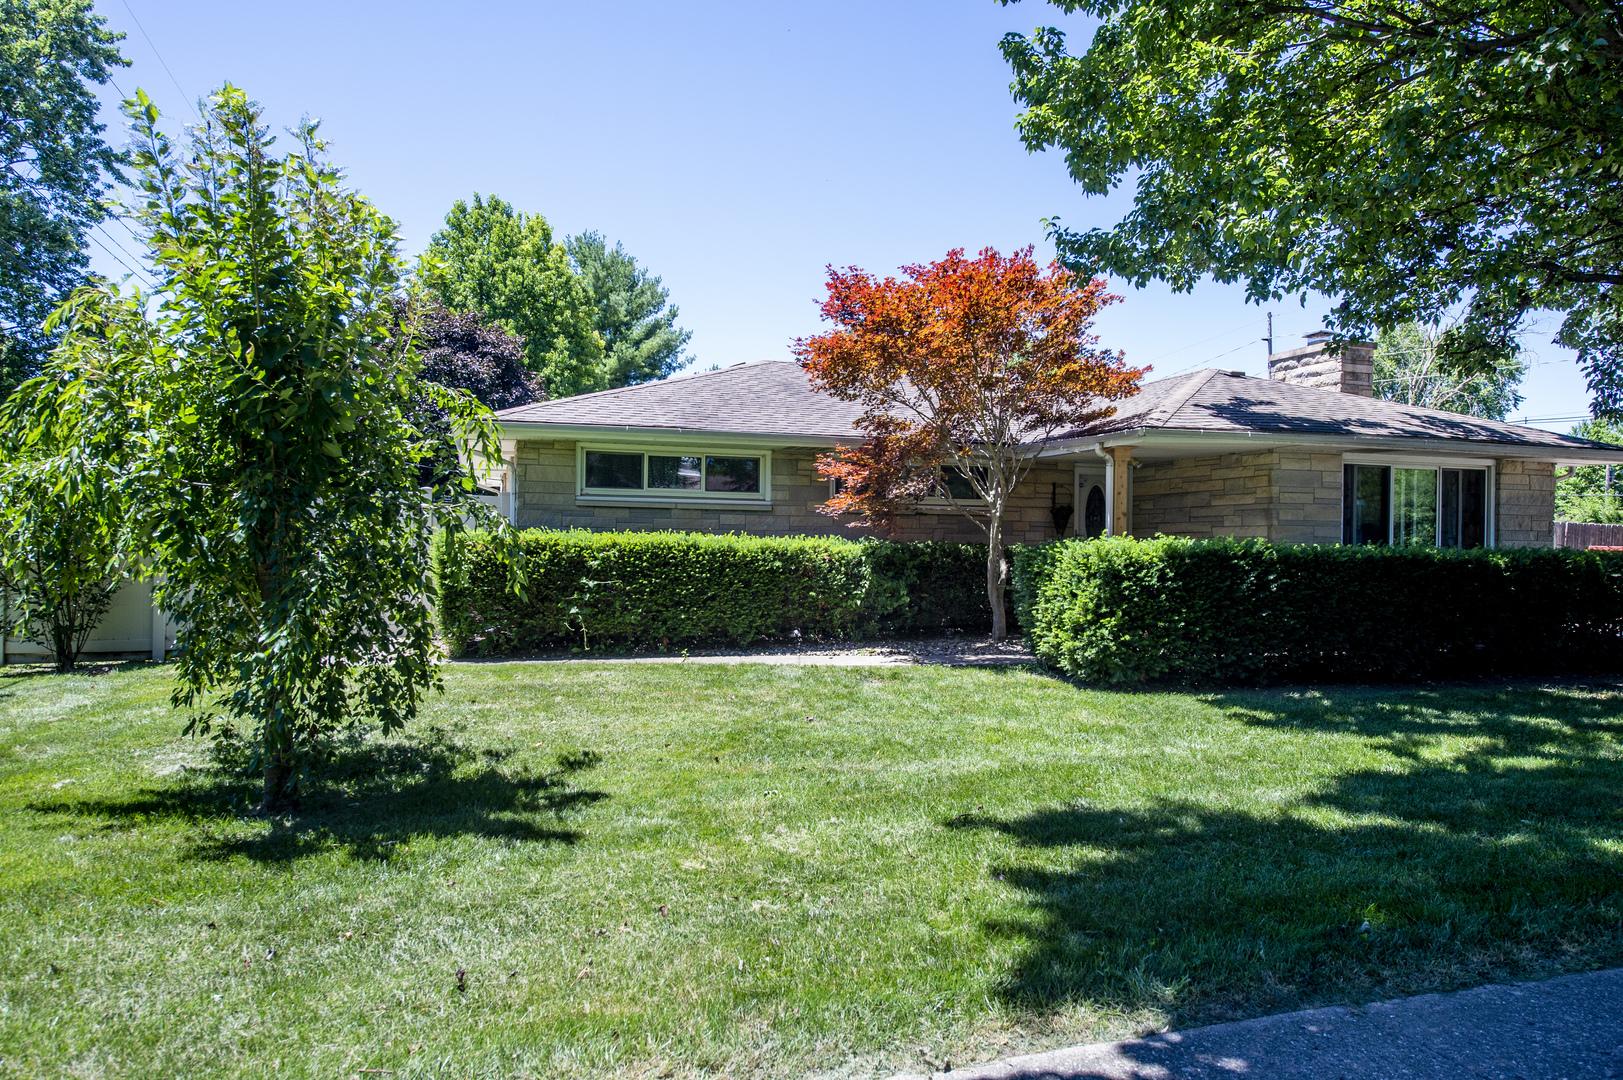 1601 Lincoln Road, Champaign in Champaign County, IL 61821 Home for Sale